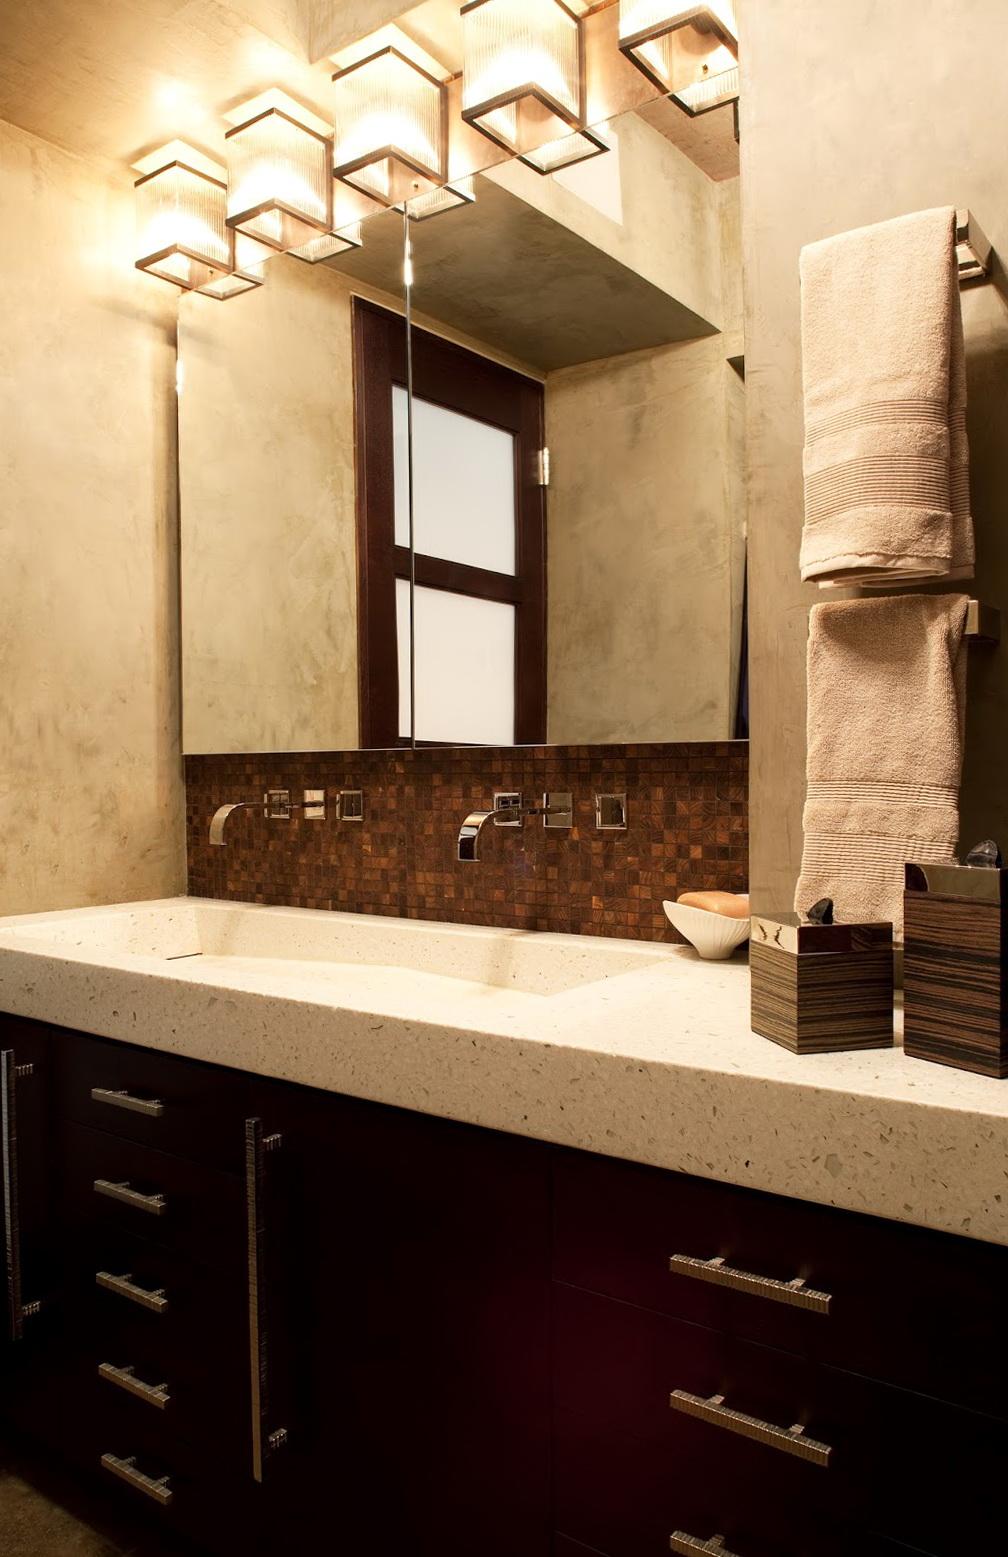 Chandelier Bathroom Vanity Lighting